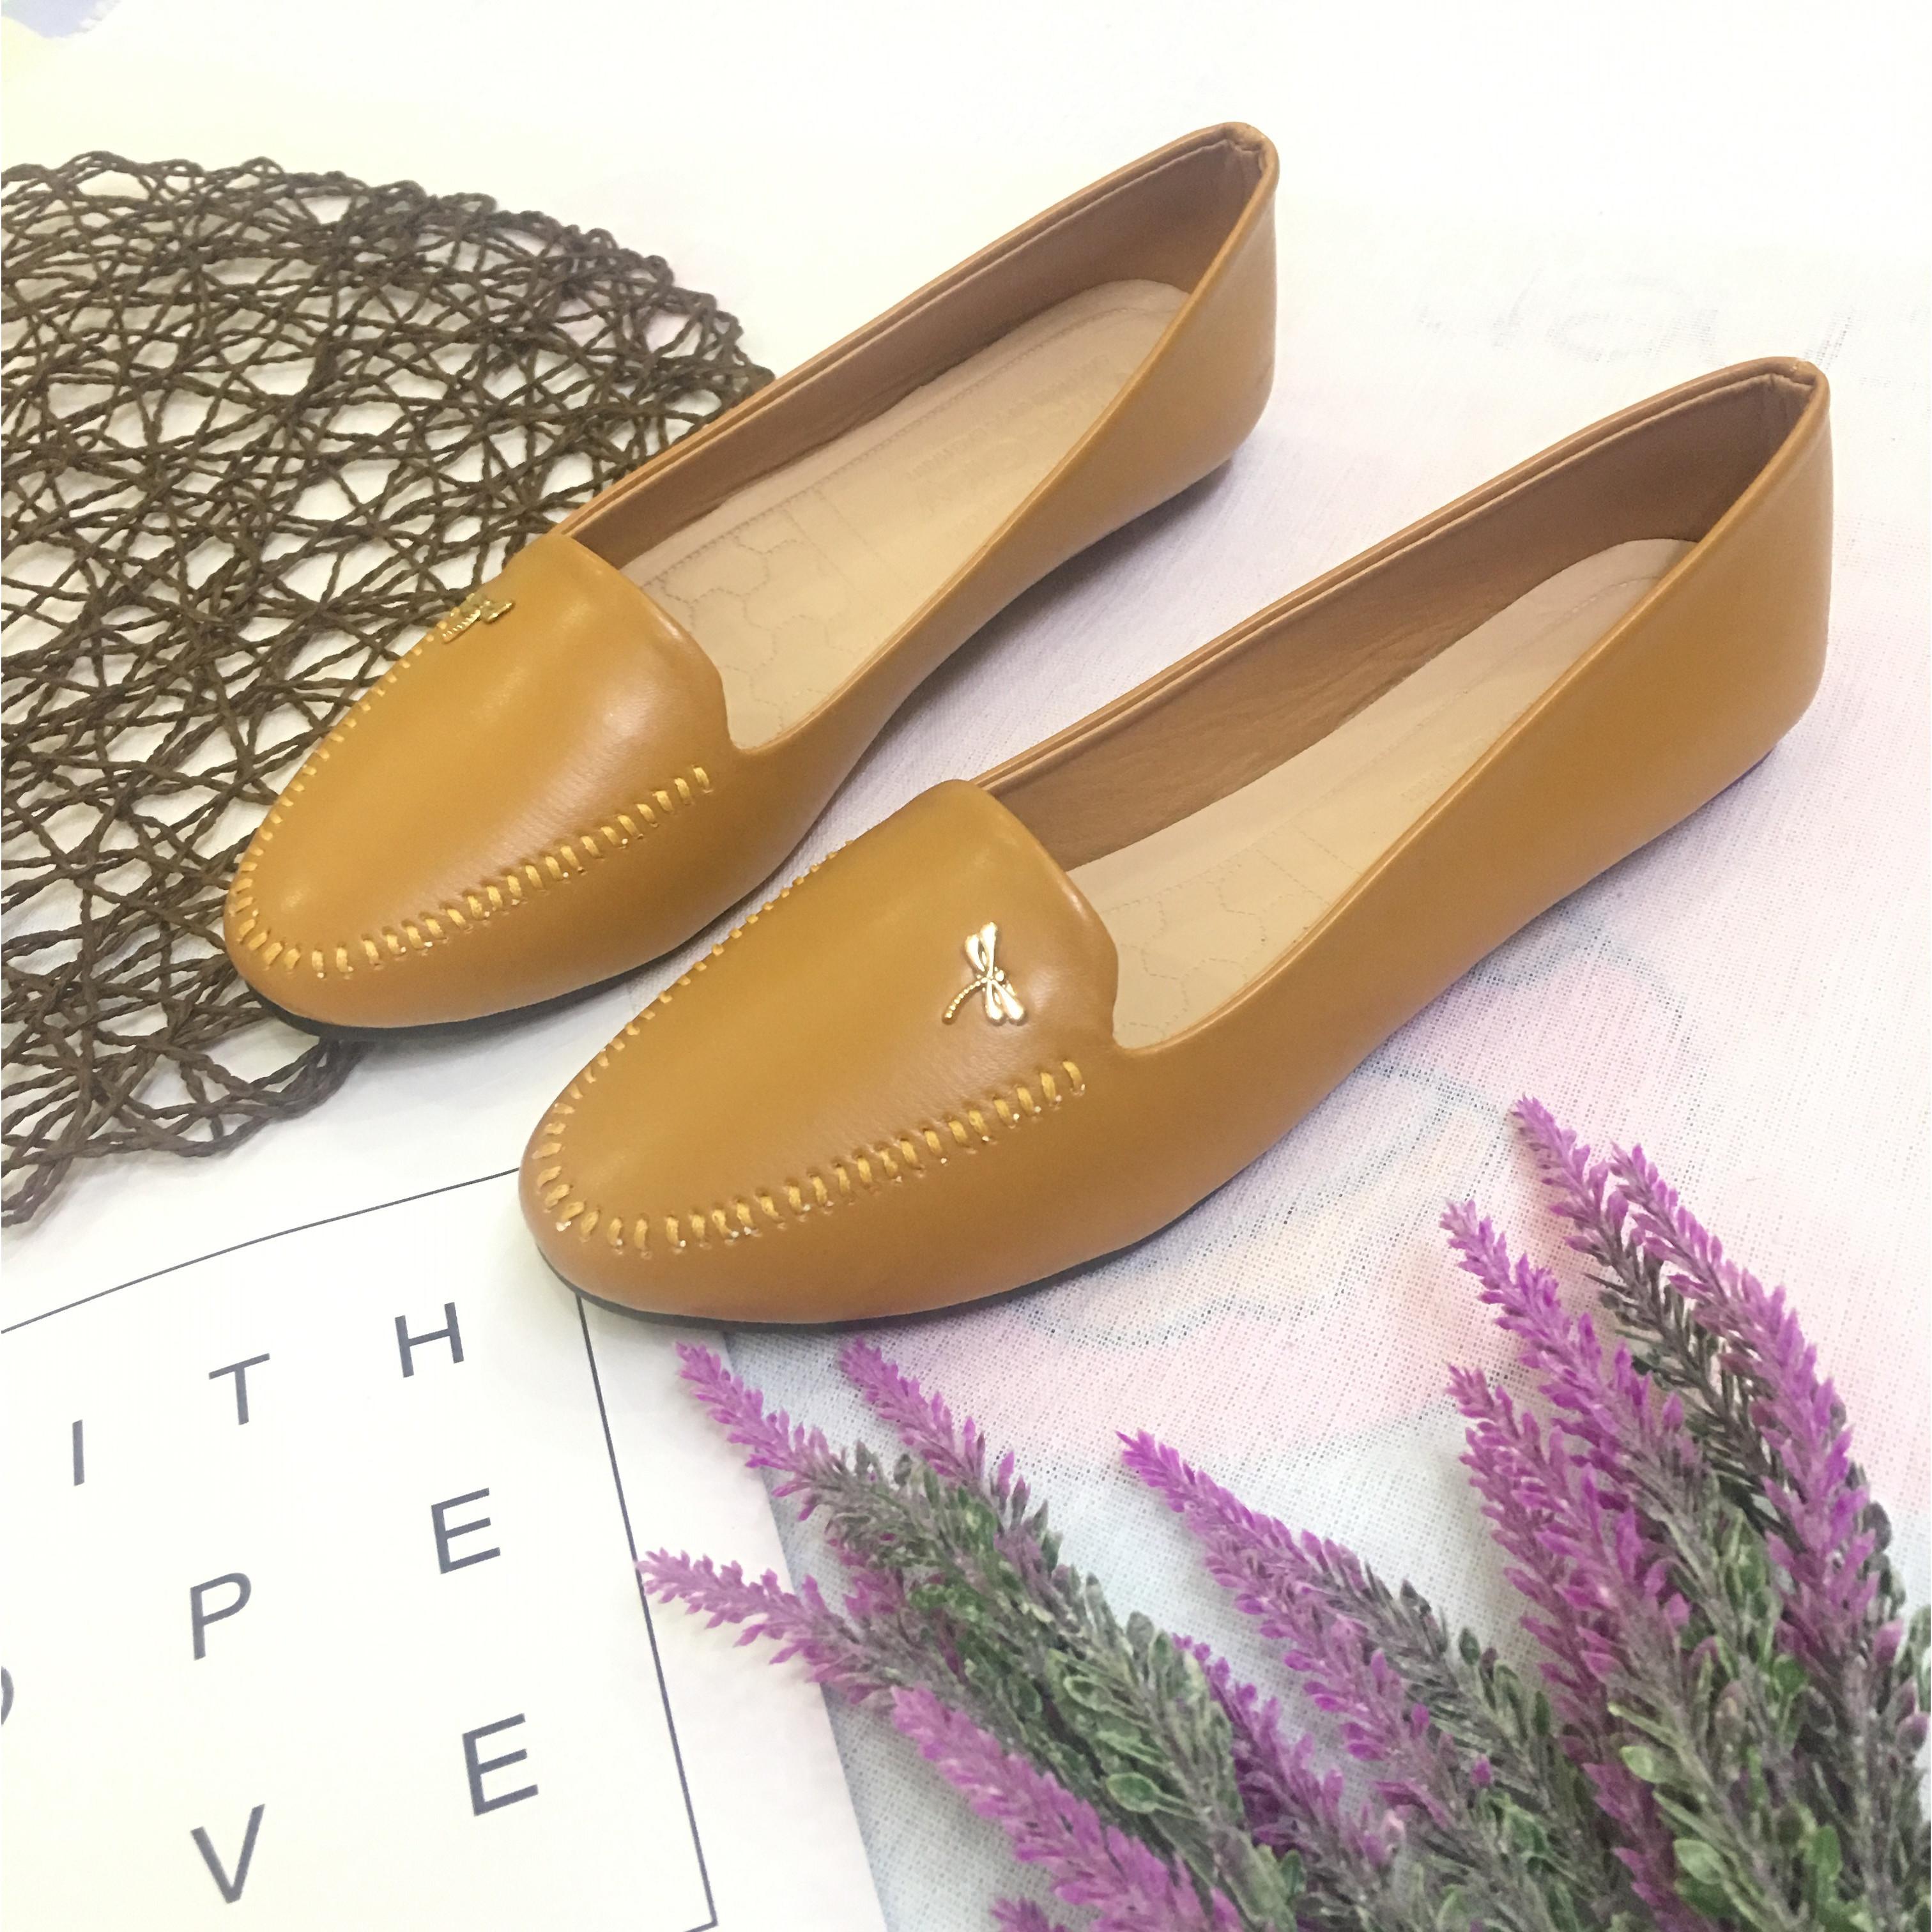 Giày búp bê nữ đế bằng đính nơ chuồn xinh xắn hàng VNXK siêu bền-M8